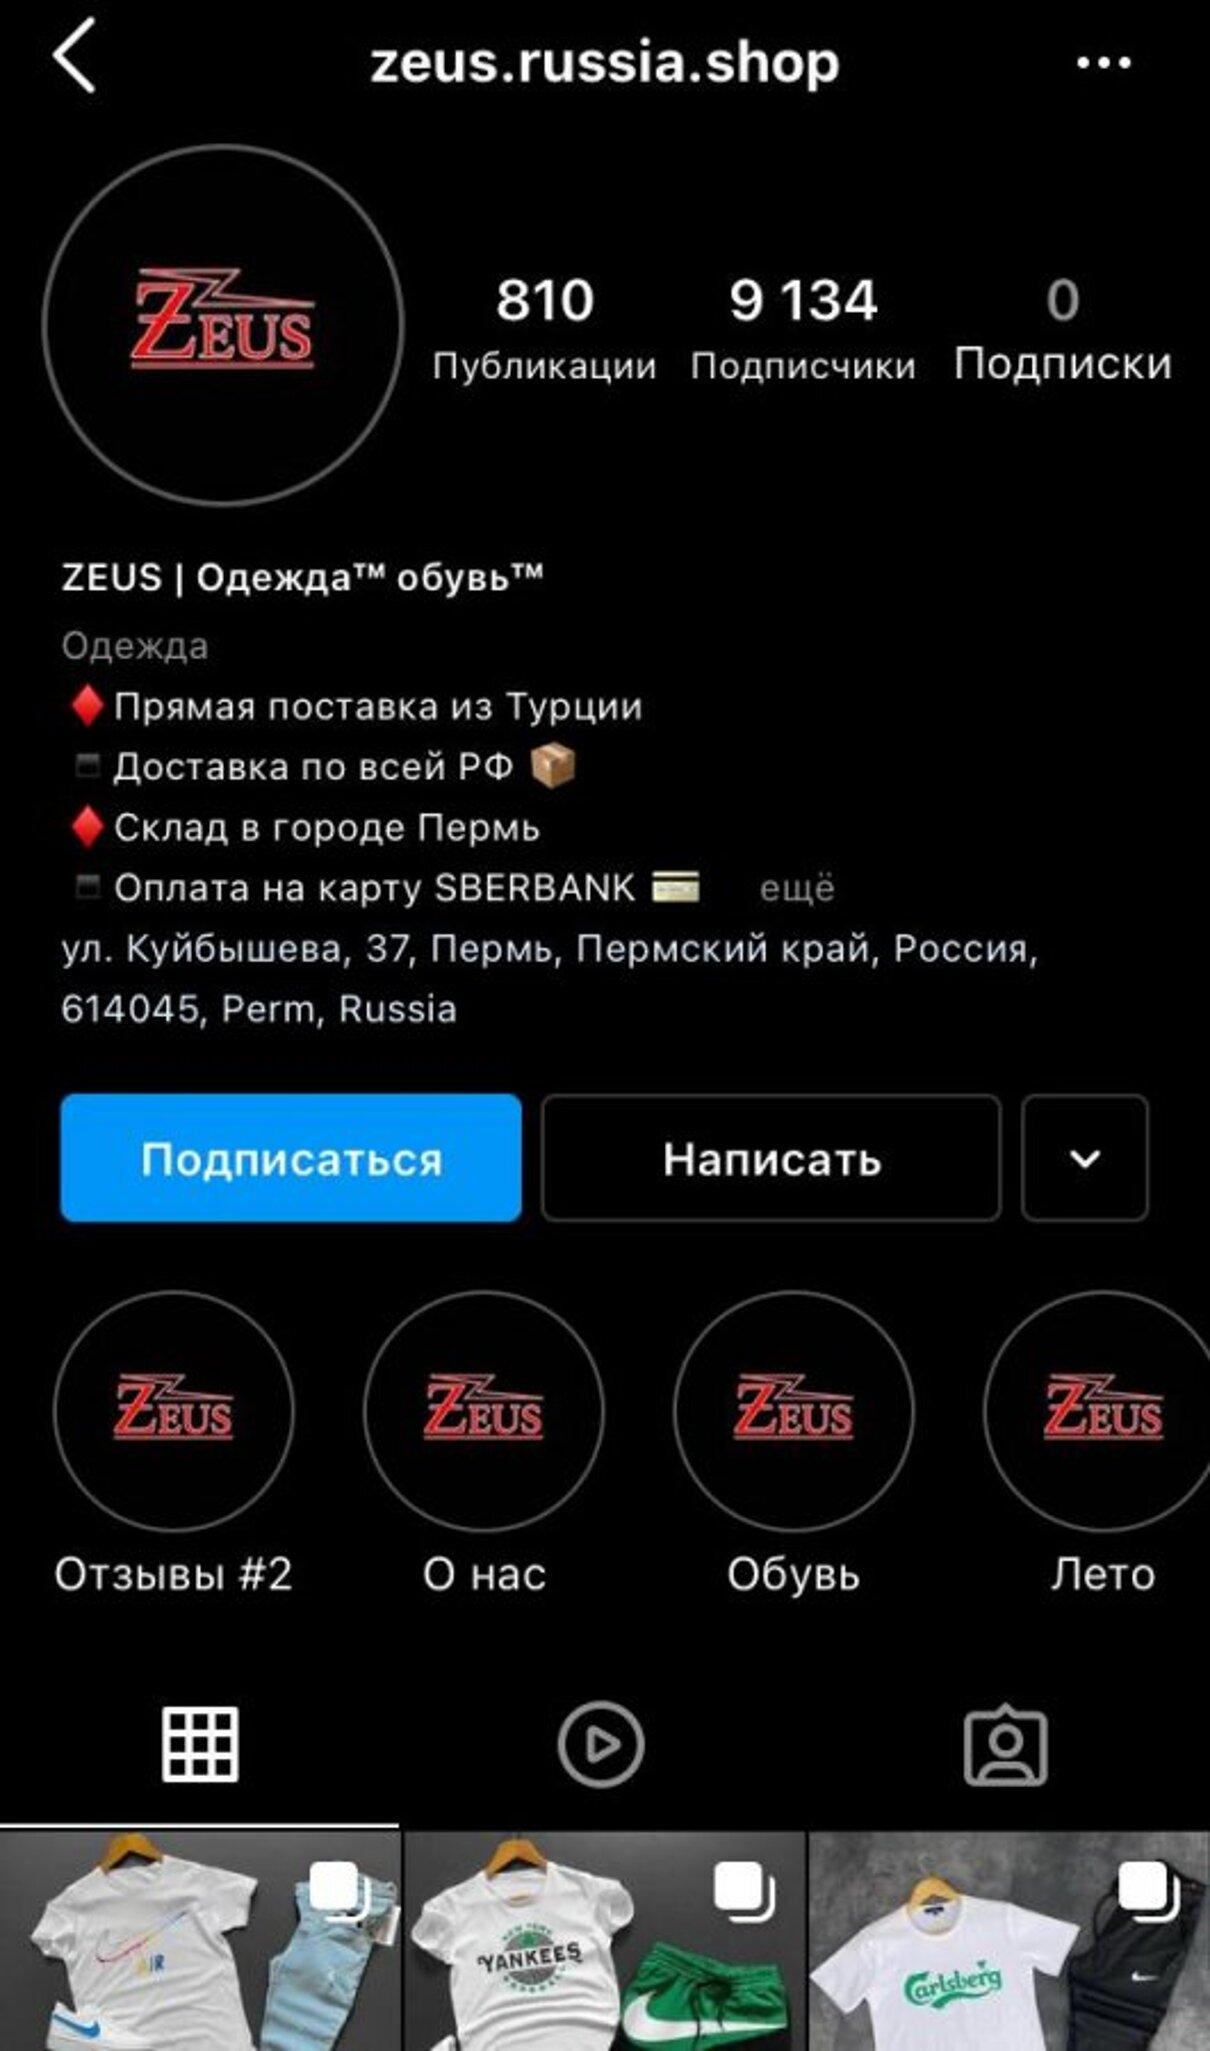 Жалоба-отзыв: Zeus.russia.shop - Мошенники